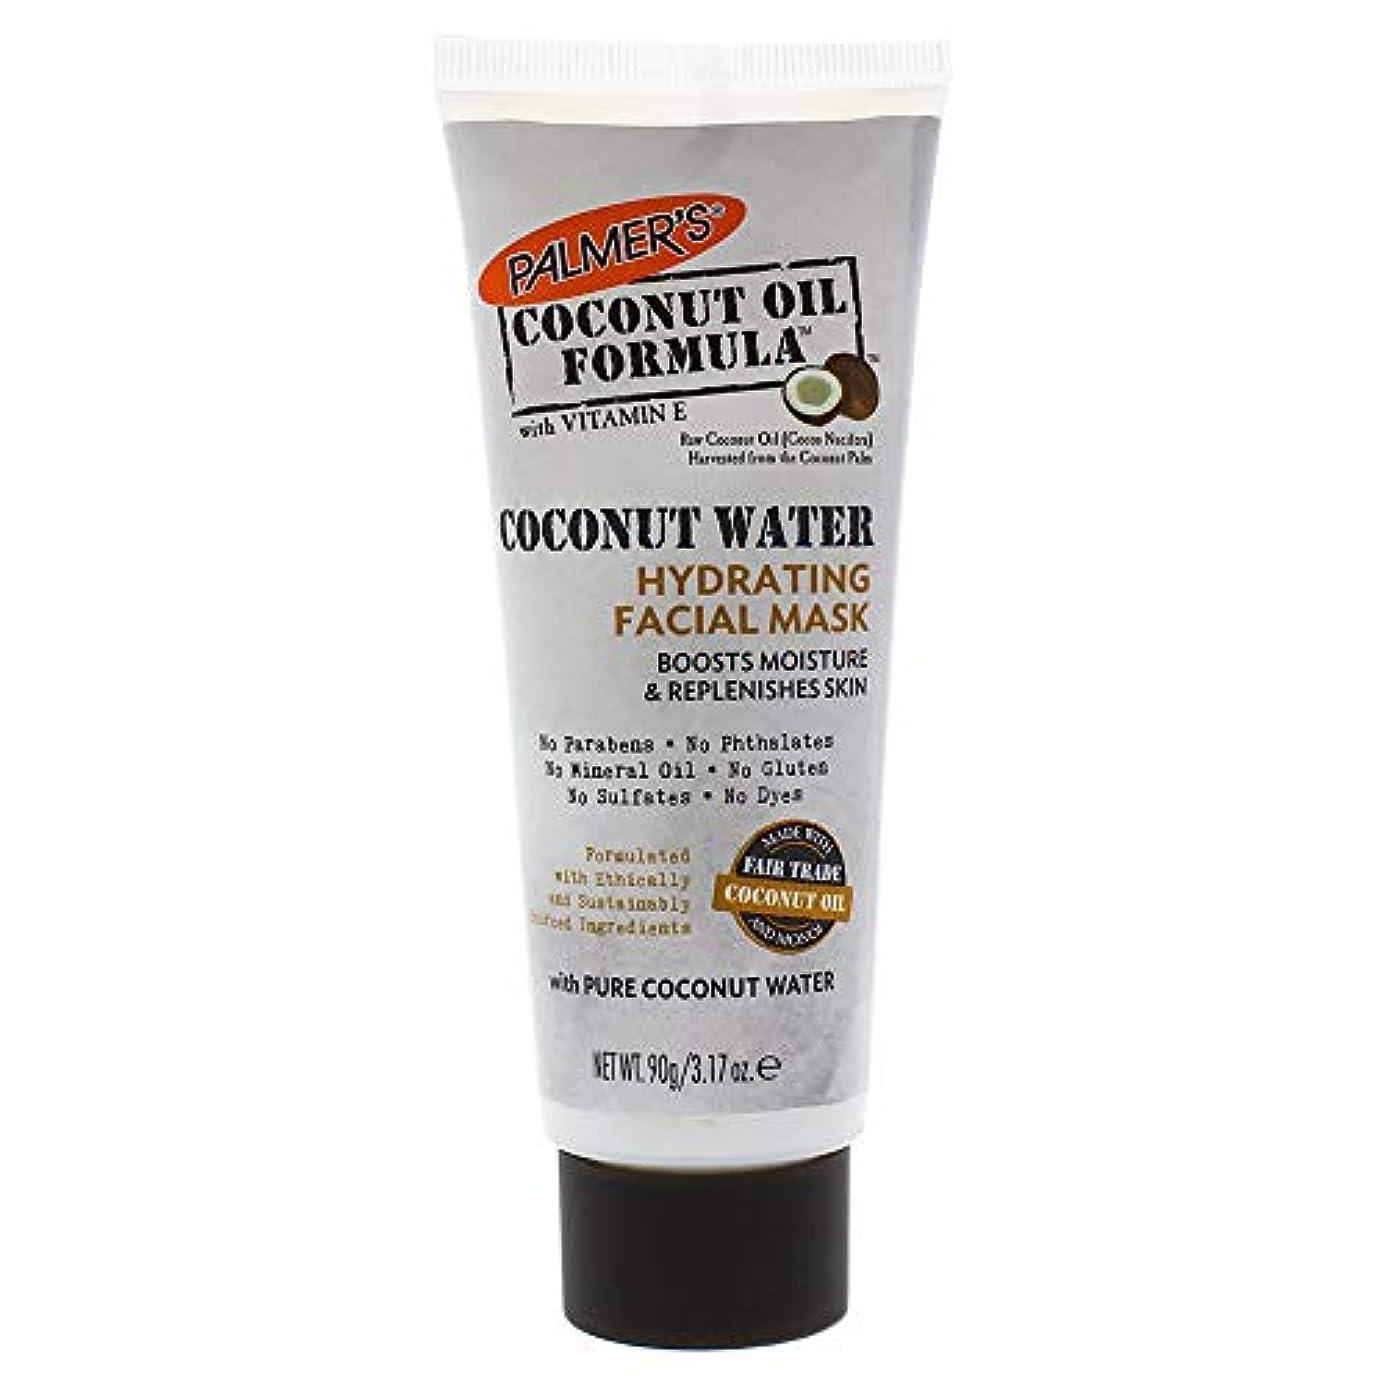 インチチャペル抜本的なCoconut Water Hydrating Facial Mask